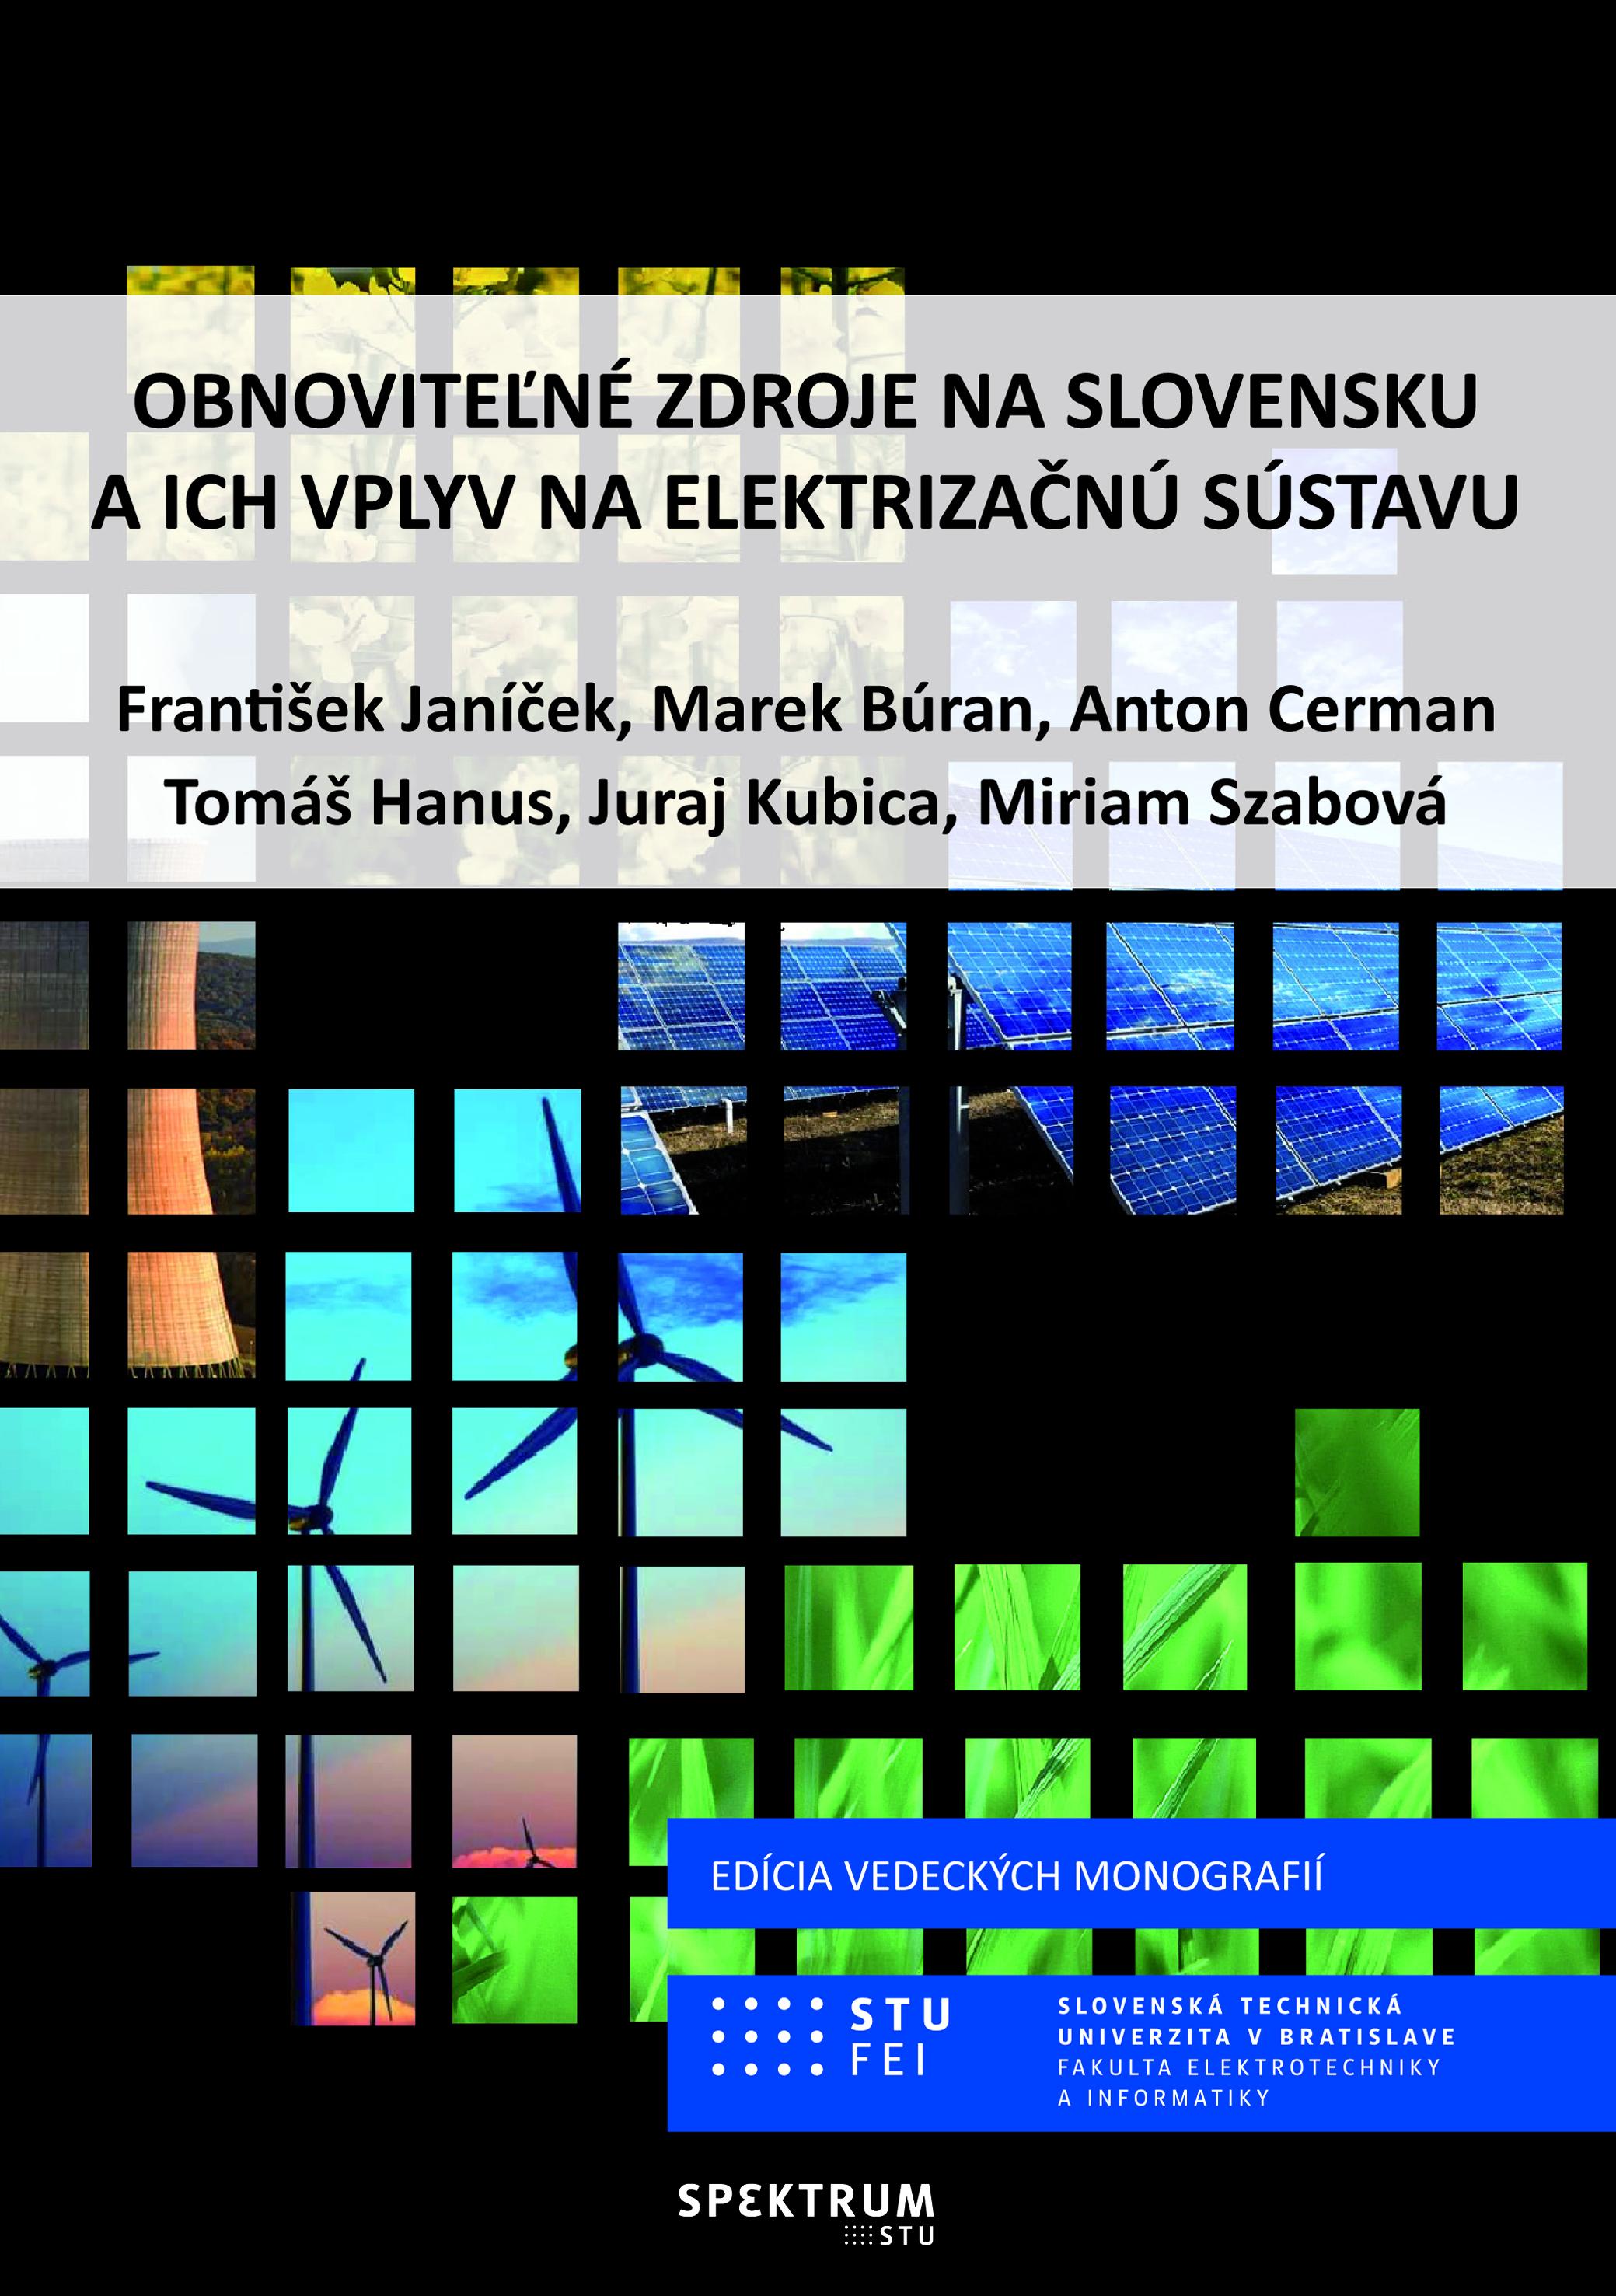 Obnoviteľné zdroje na Slovensku a ich vplyv na elektrizačnú sústavu 1